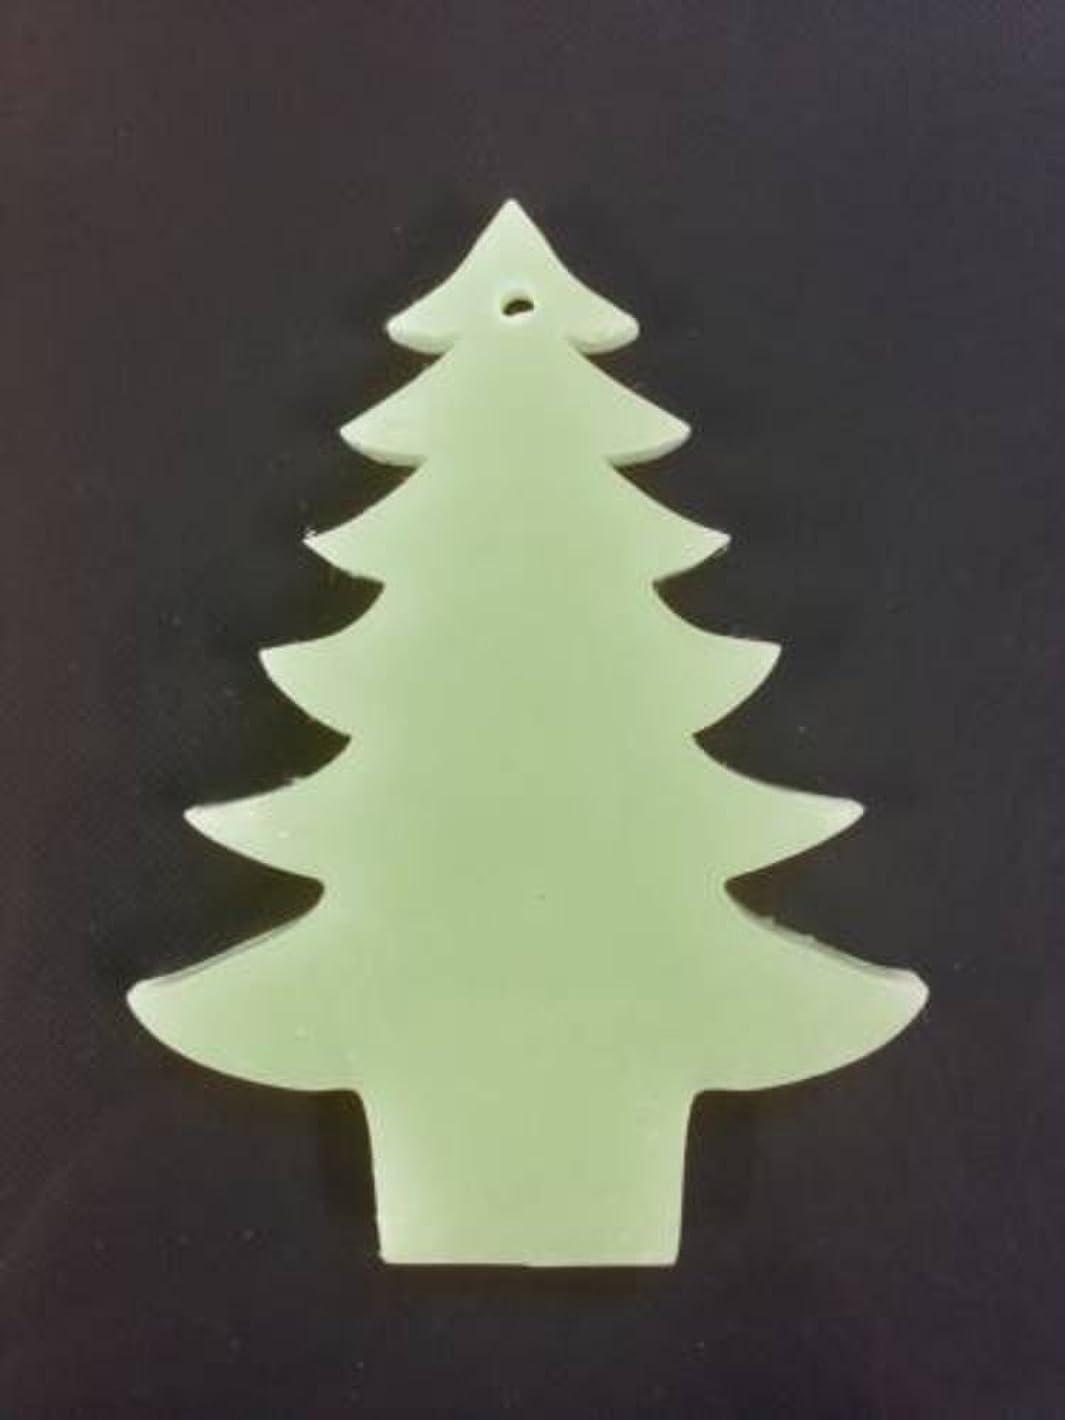 現金カートレッスンGRASSE TOKYO AROMATICWAXチャーム「ツリー」(GR) レモングラス アロマティックワックス グラーストウキョウ